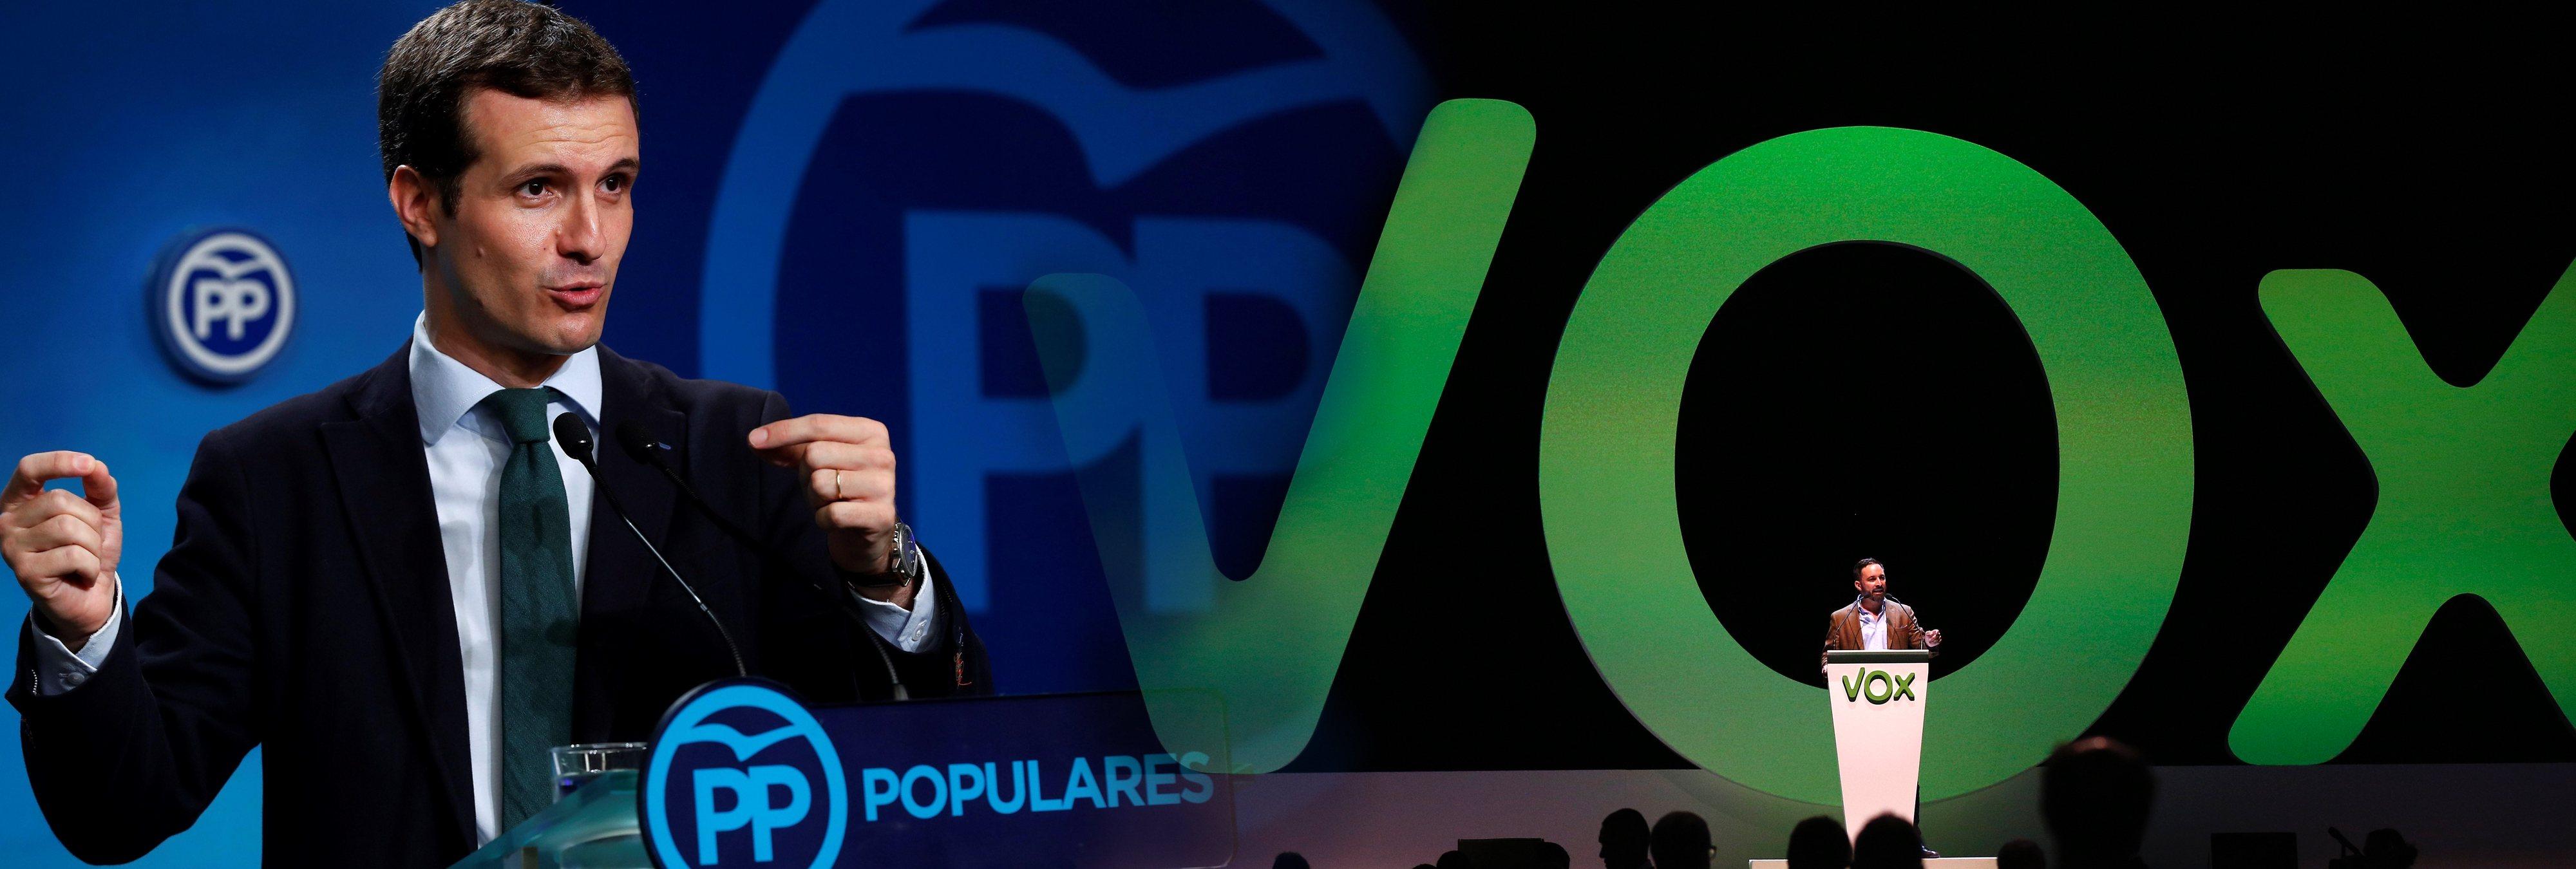 Estos son los 37 puntos del pacto del PP con la extrema derecha de VOX